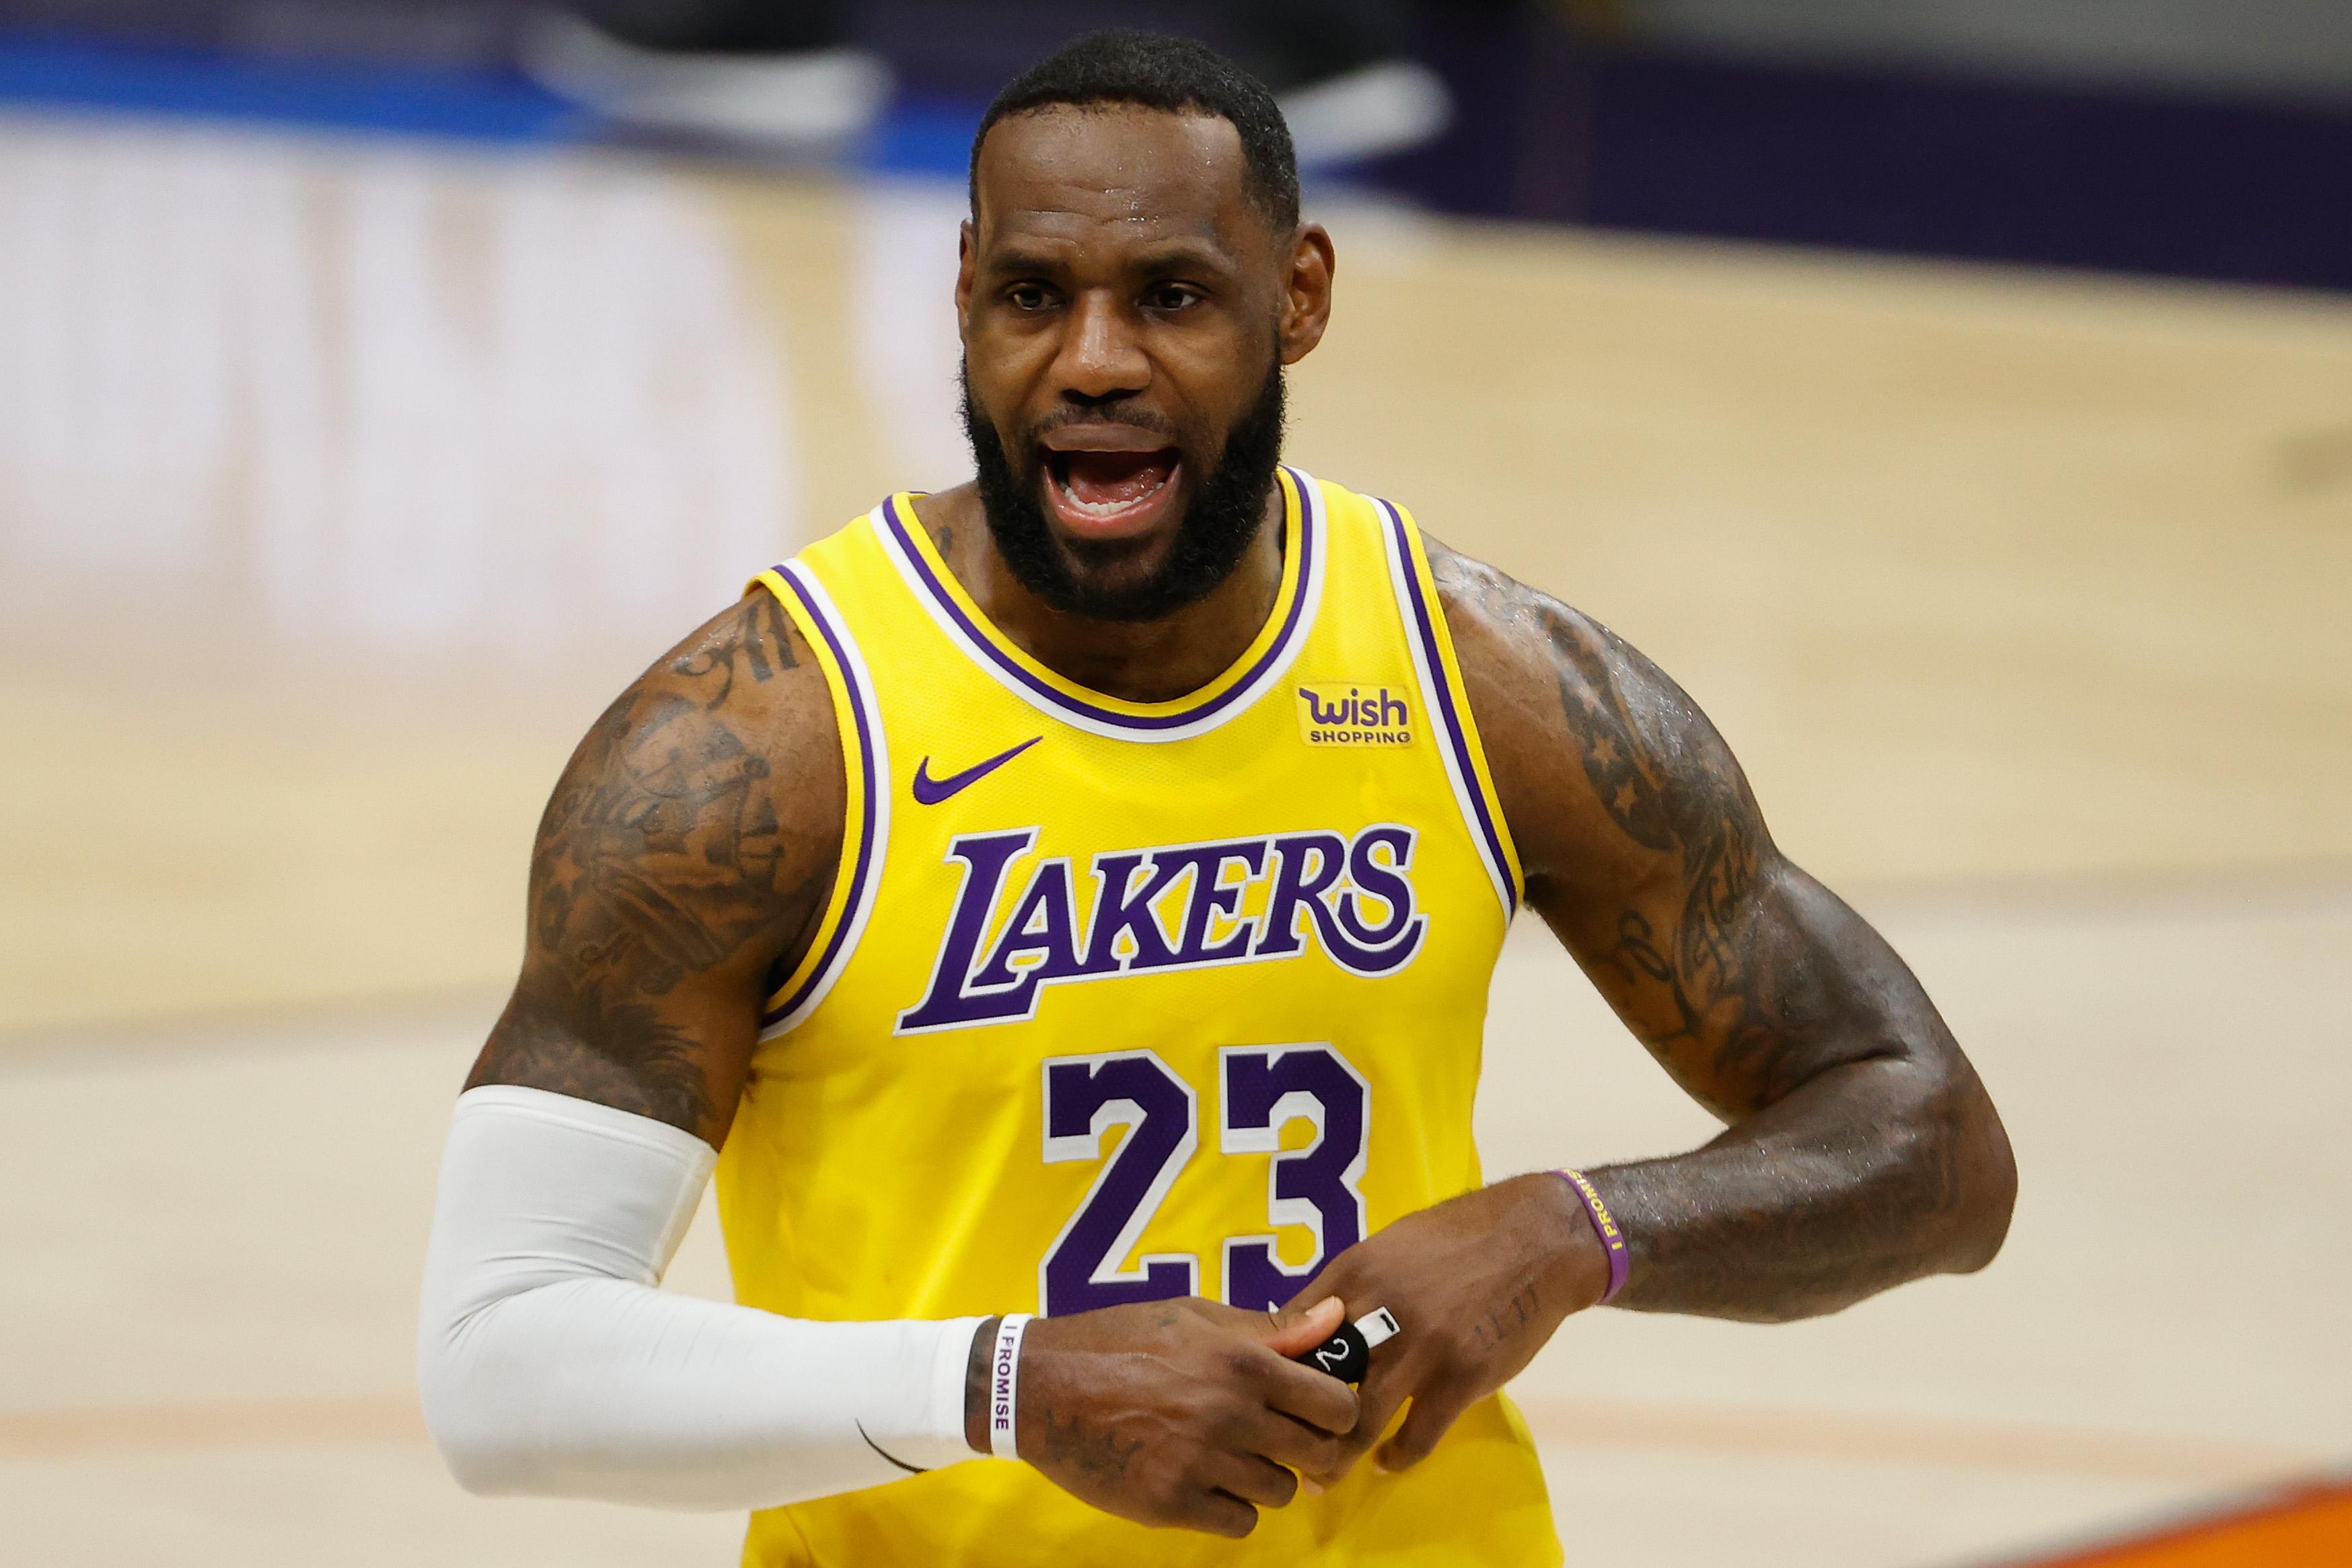 NBA star LeBron James